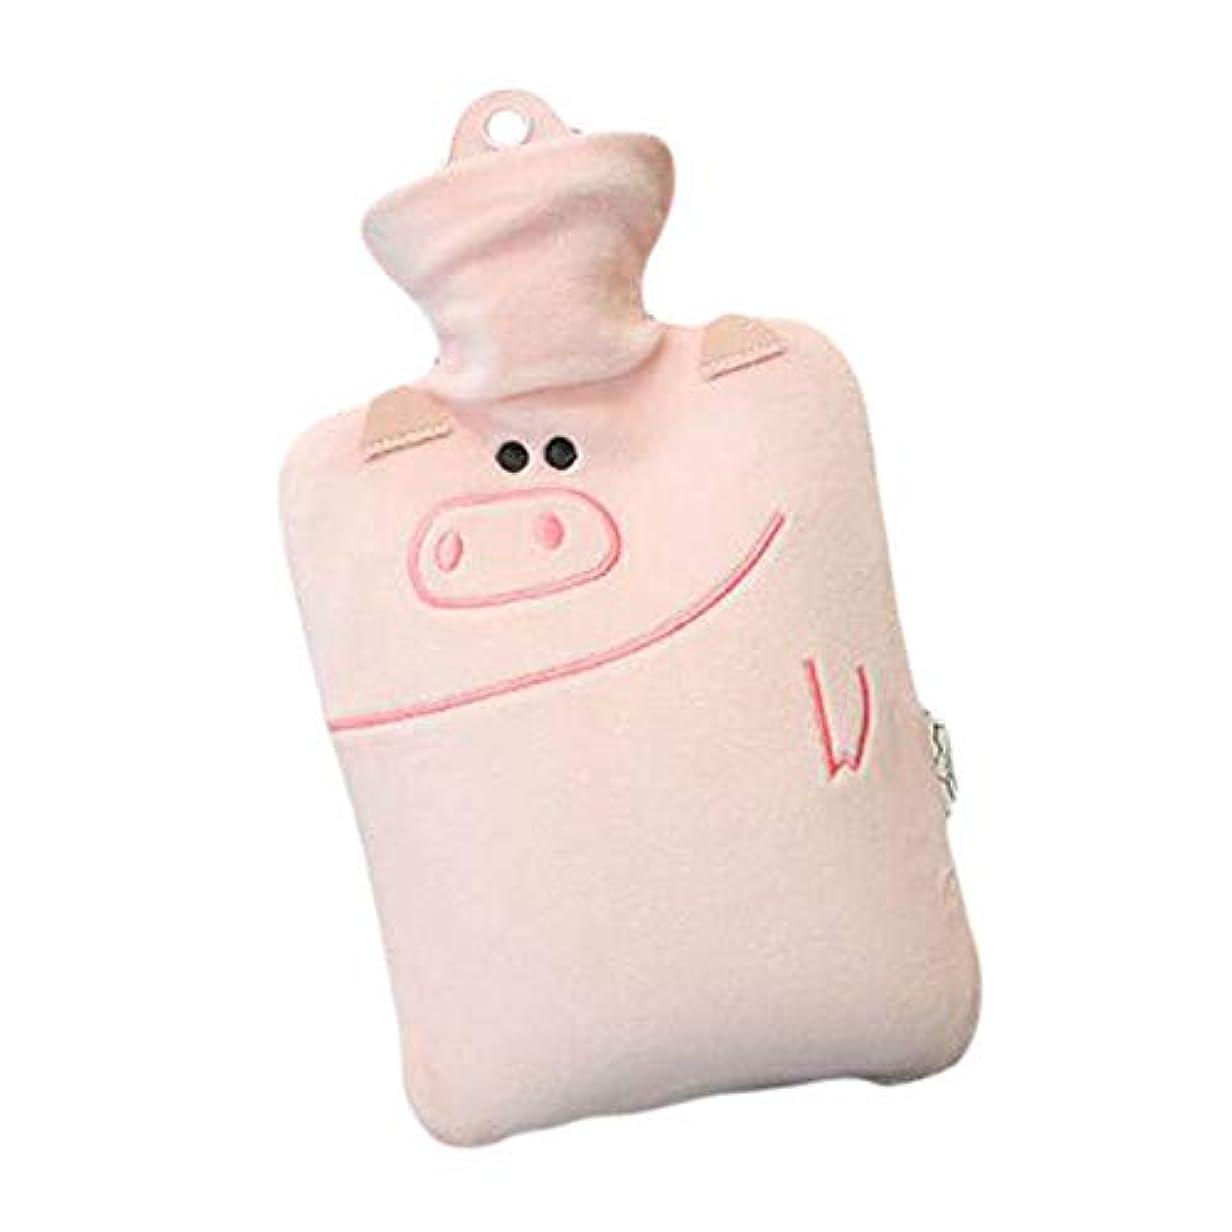 絶対に物理的なメッセージ愛らしいピンクの豚のパターン400 MLホットウォーターボトル